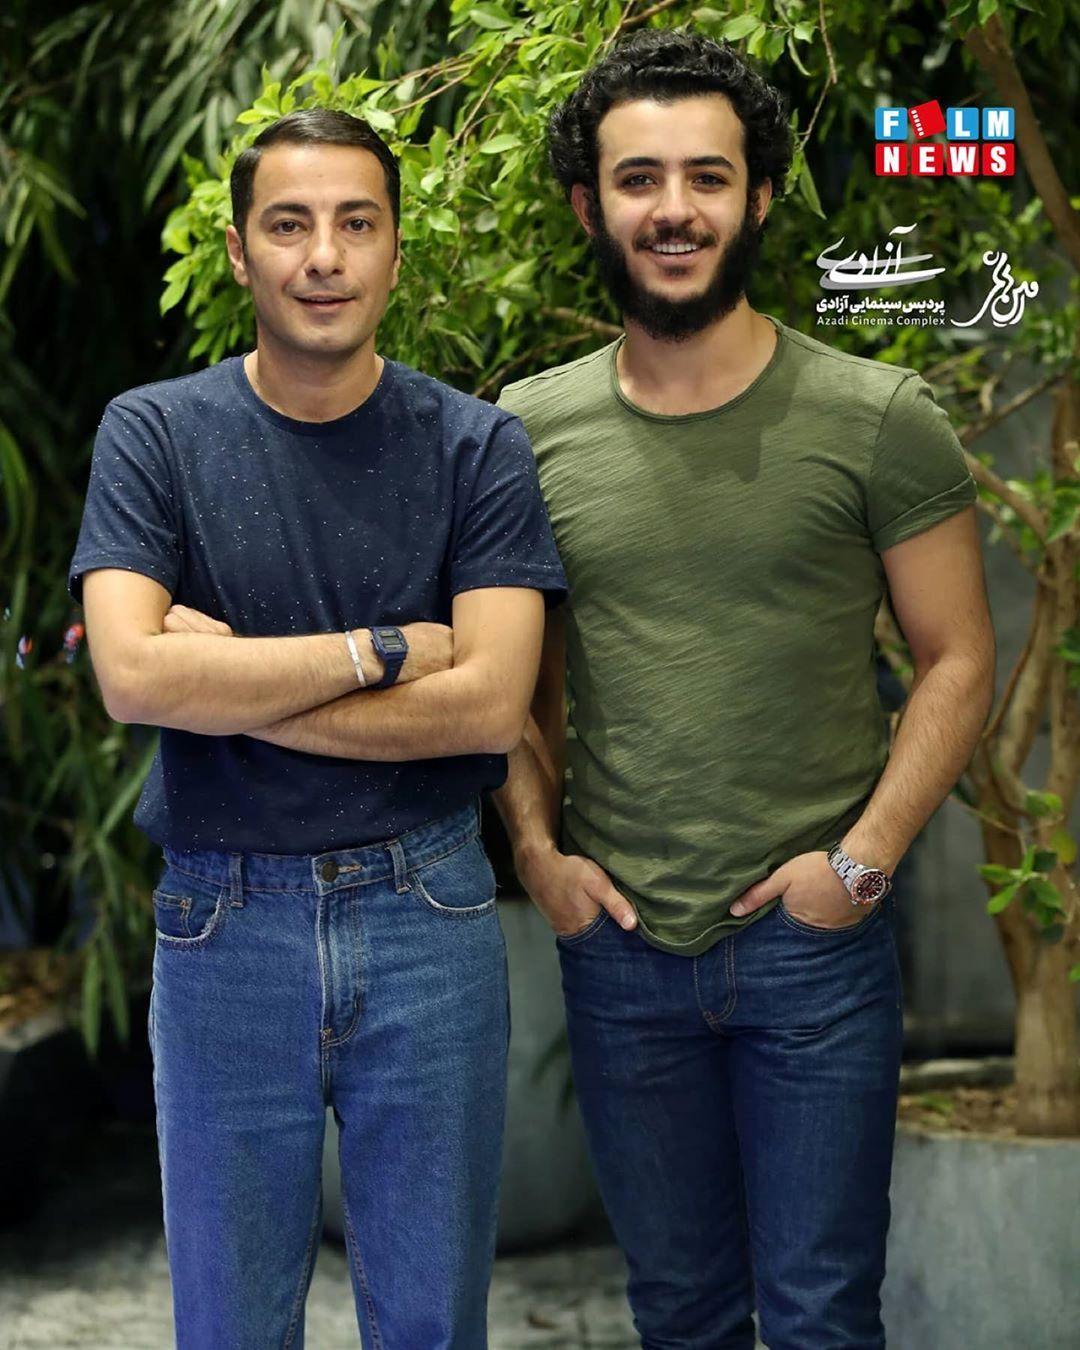 نوید محمدزاده و علی شادمان با ظاهری جدید/ عکس